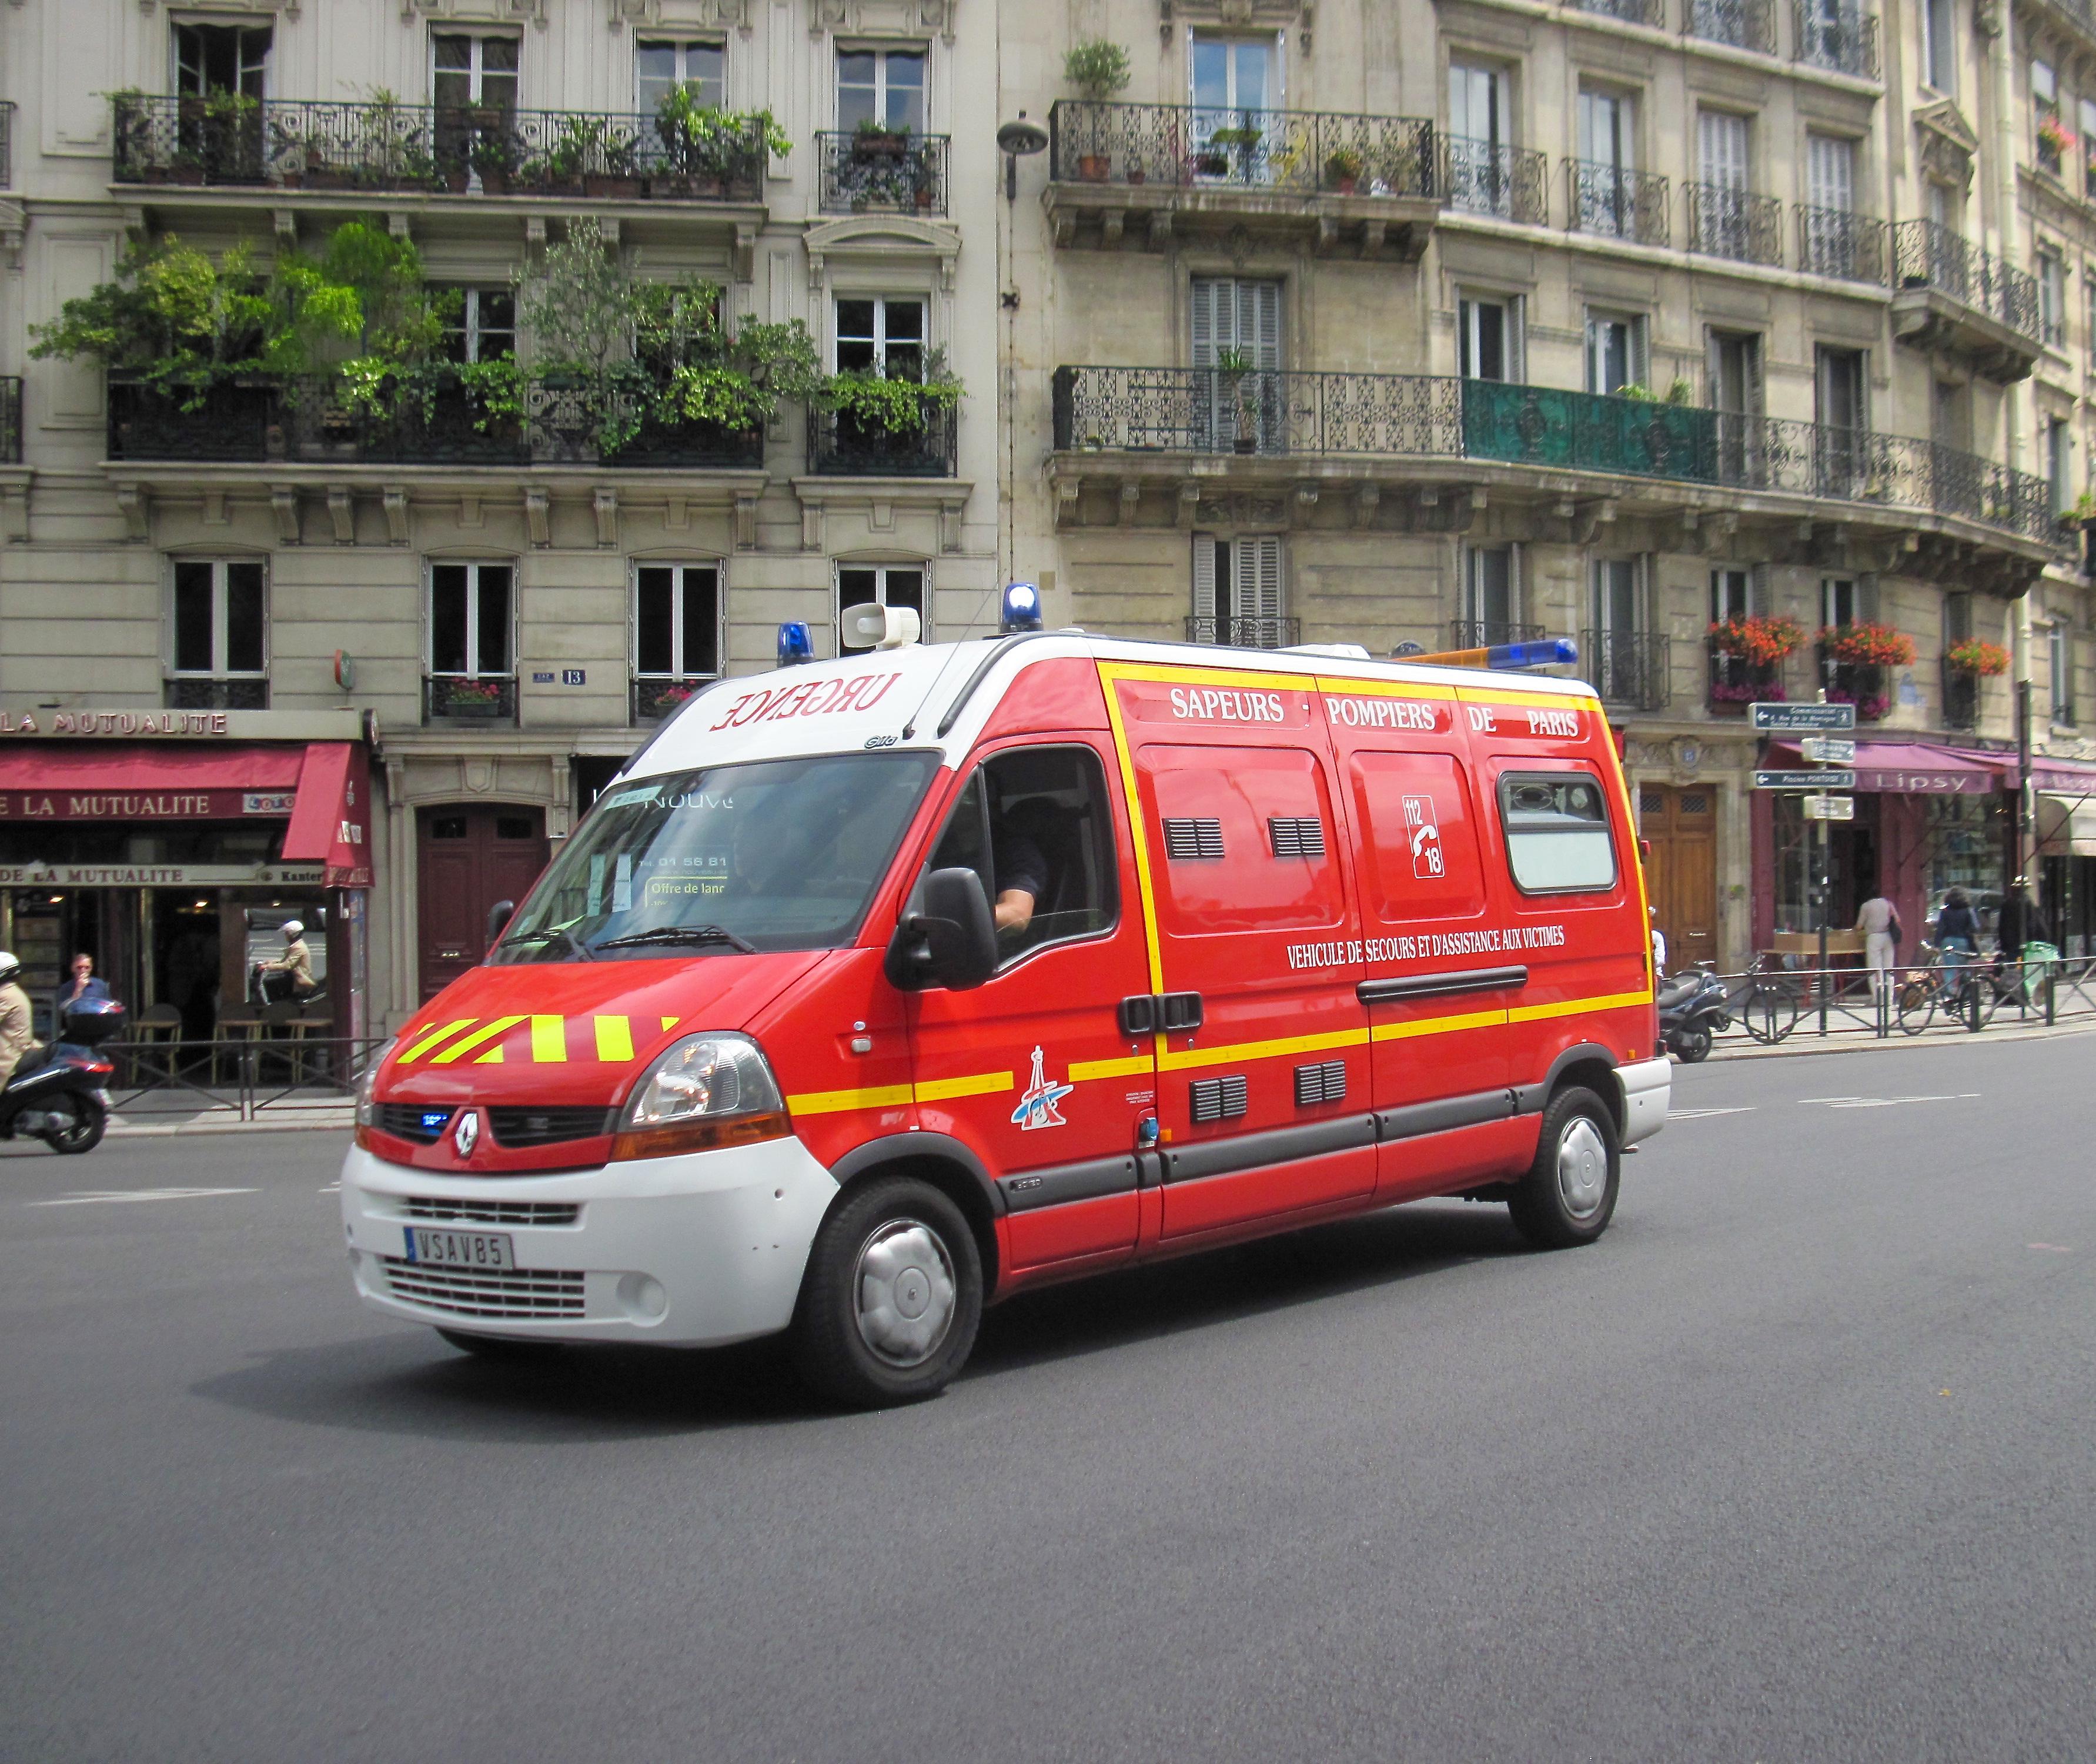 The LEAF Project: Professor Barbara Kruger @ France, Ambulance, Barbara, Car, FLCC, HQ Photo